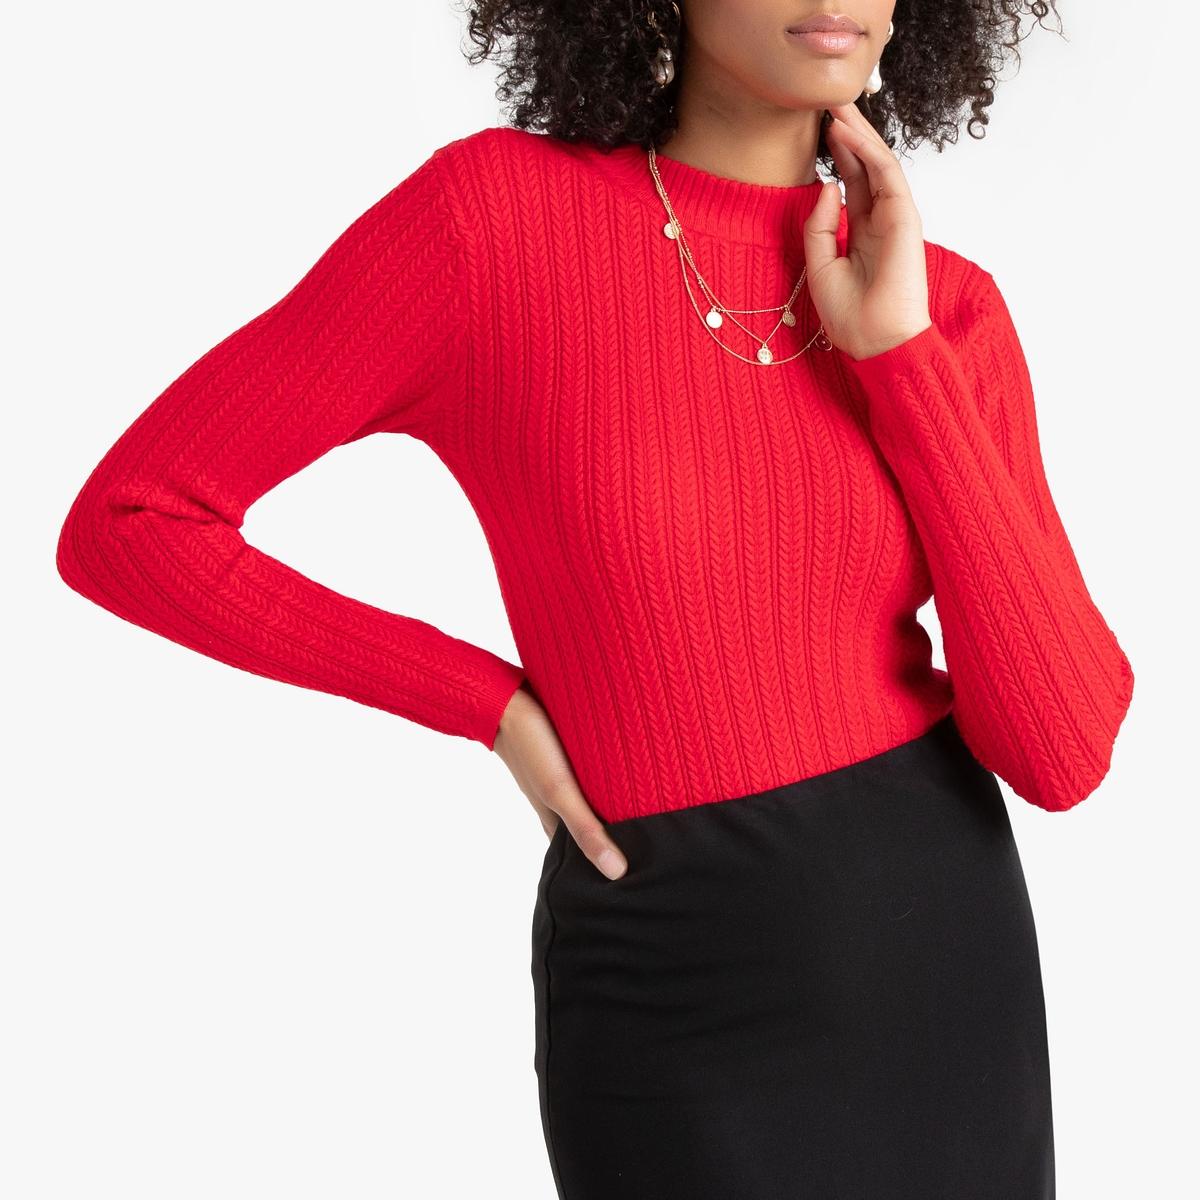 Пуловер La Redoute С круглым вырезом из тонкого трикотажа мелкого плетения M красный пуловер la redoute с круглым вырезом из тонкого трикотажа m красный